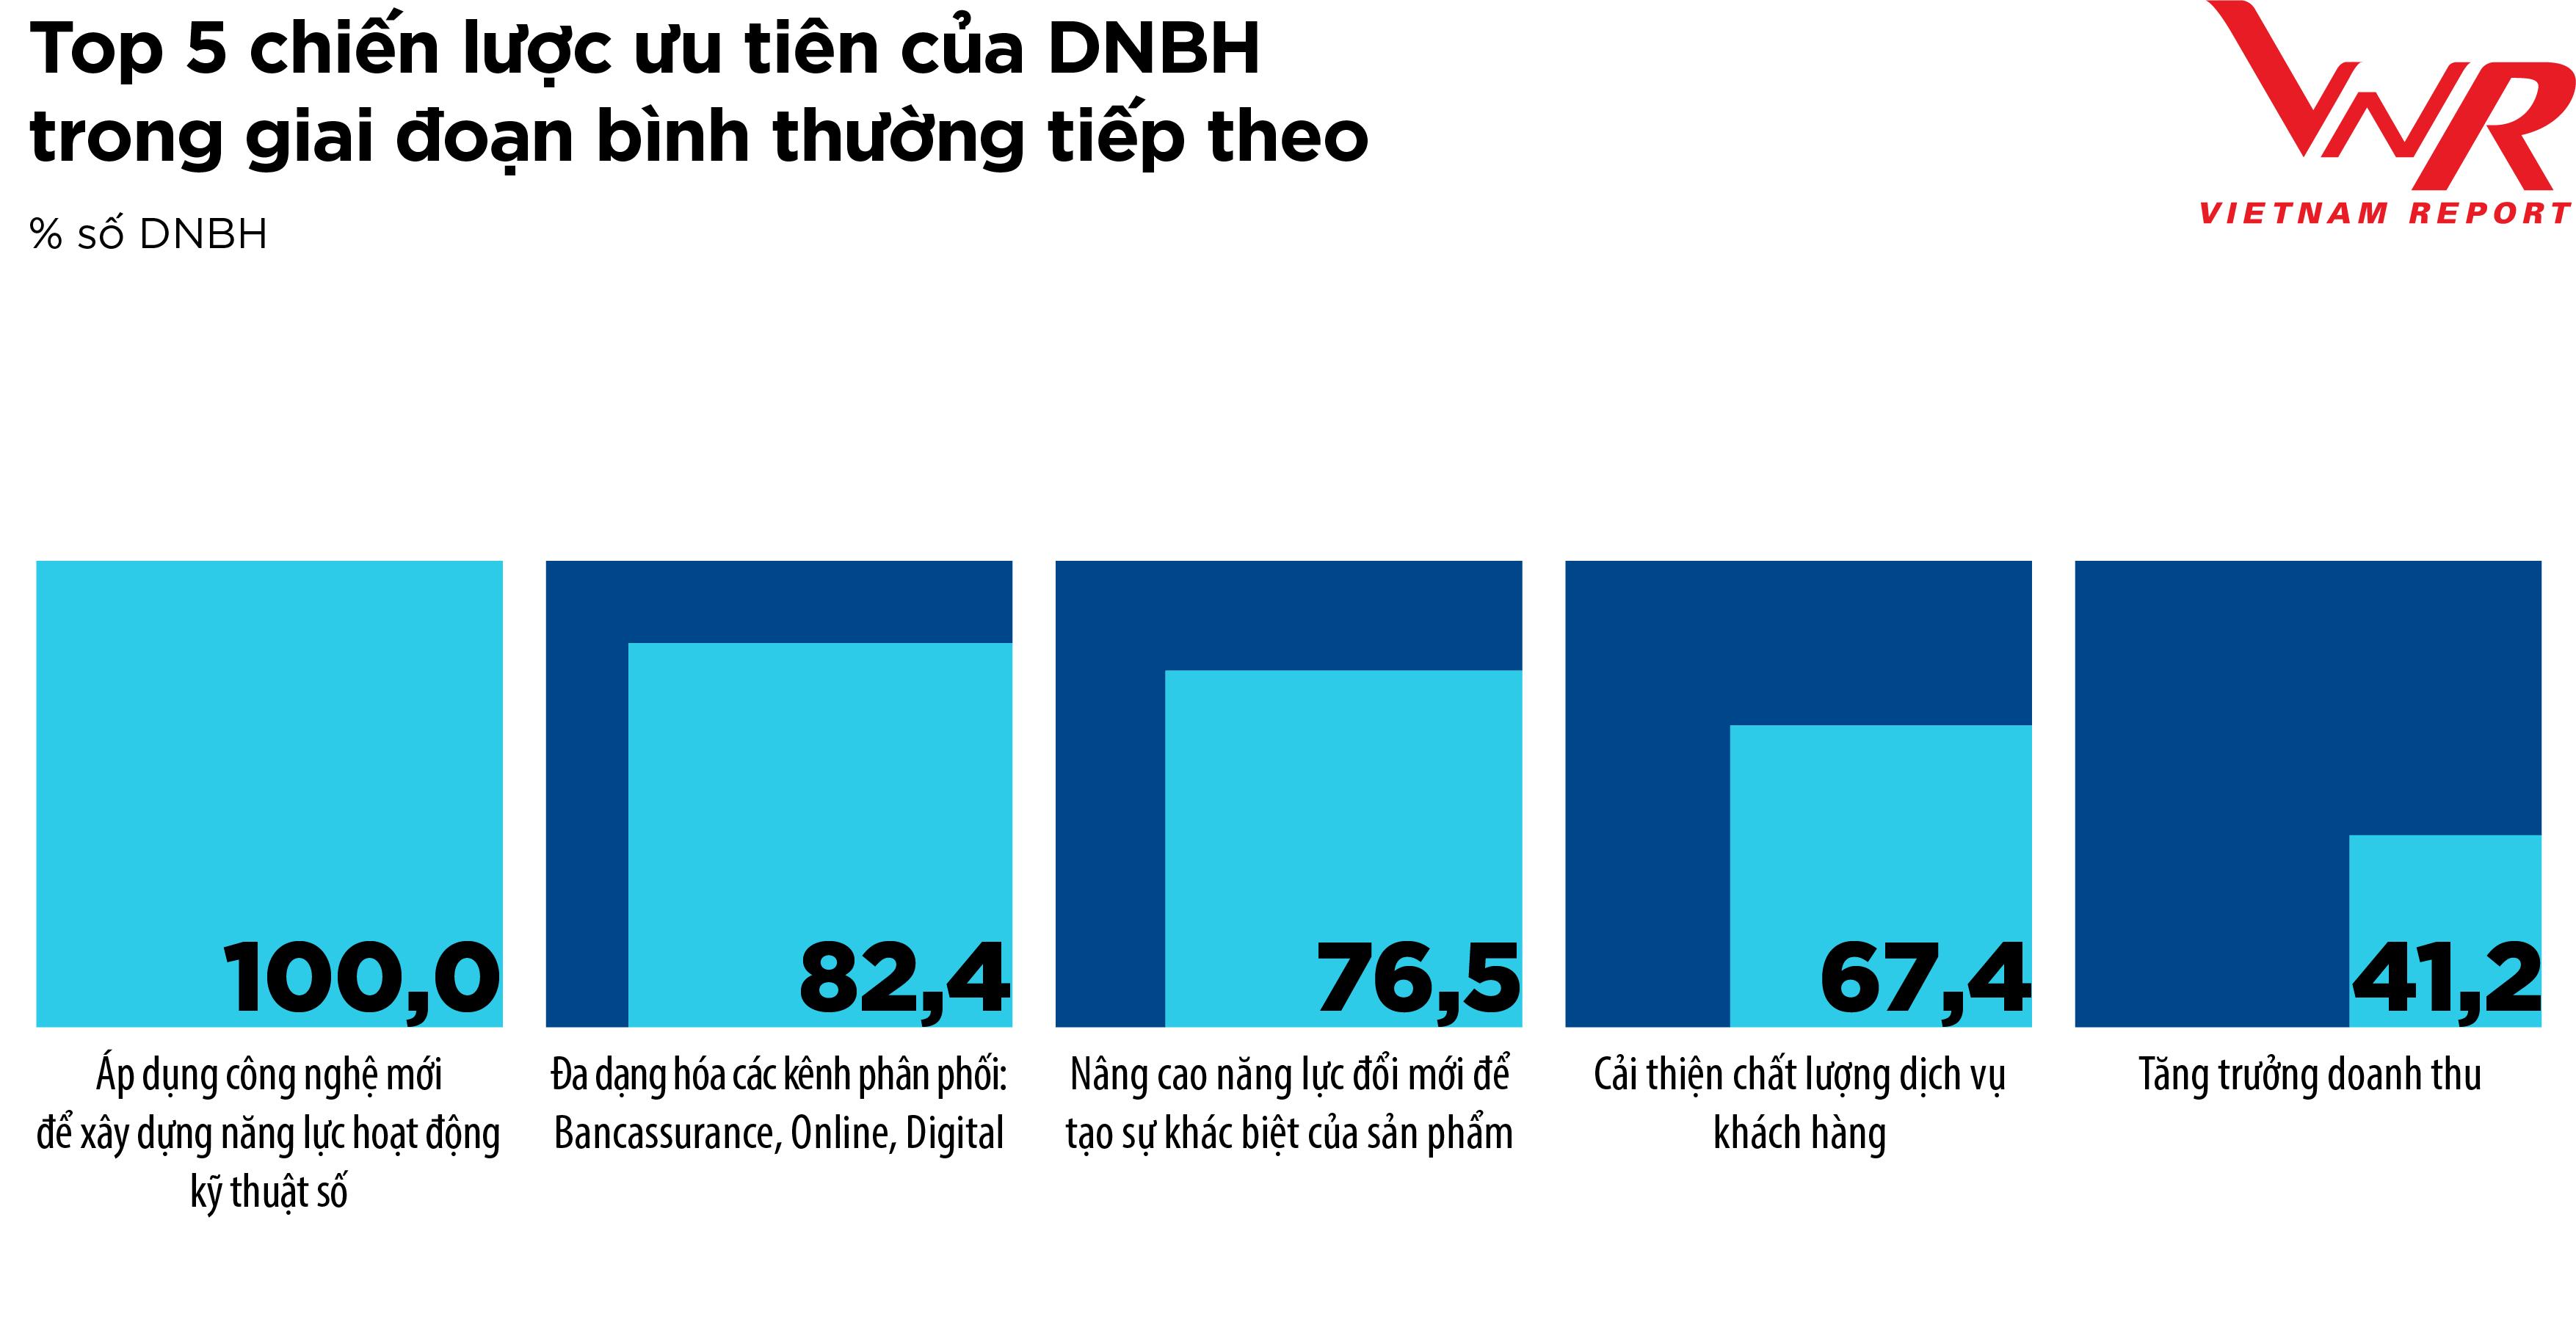 TCBC Top 10 Bao hiem 2021_Hinh 9.2